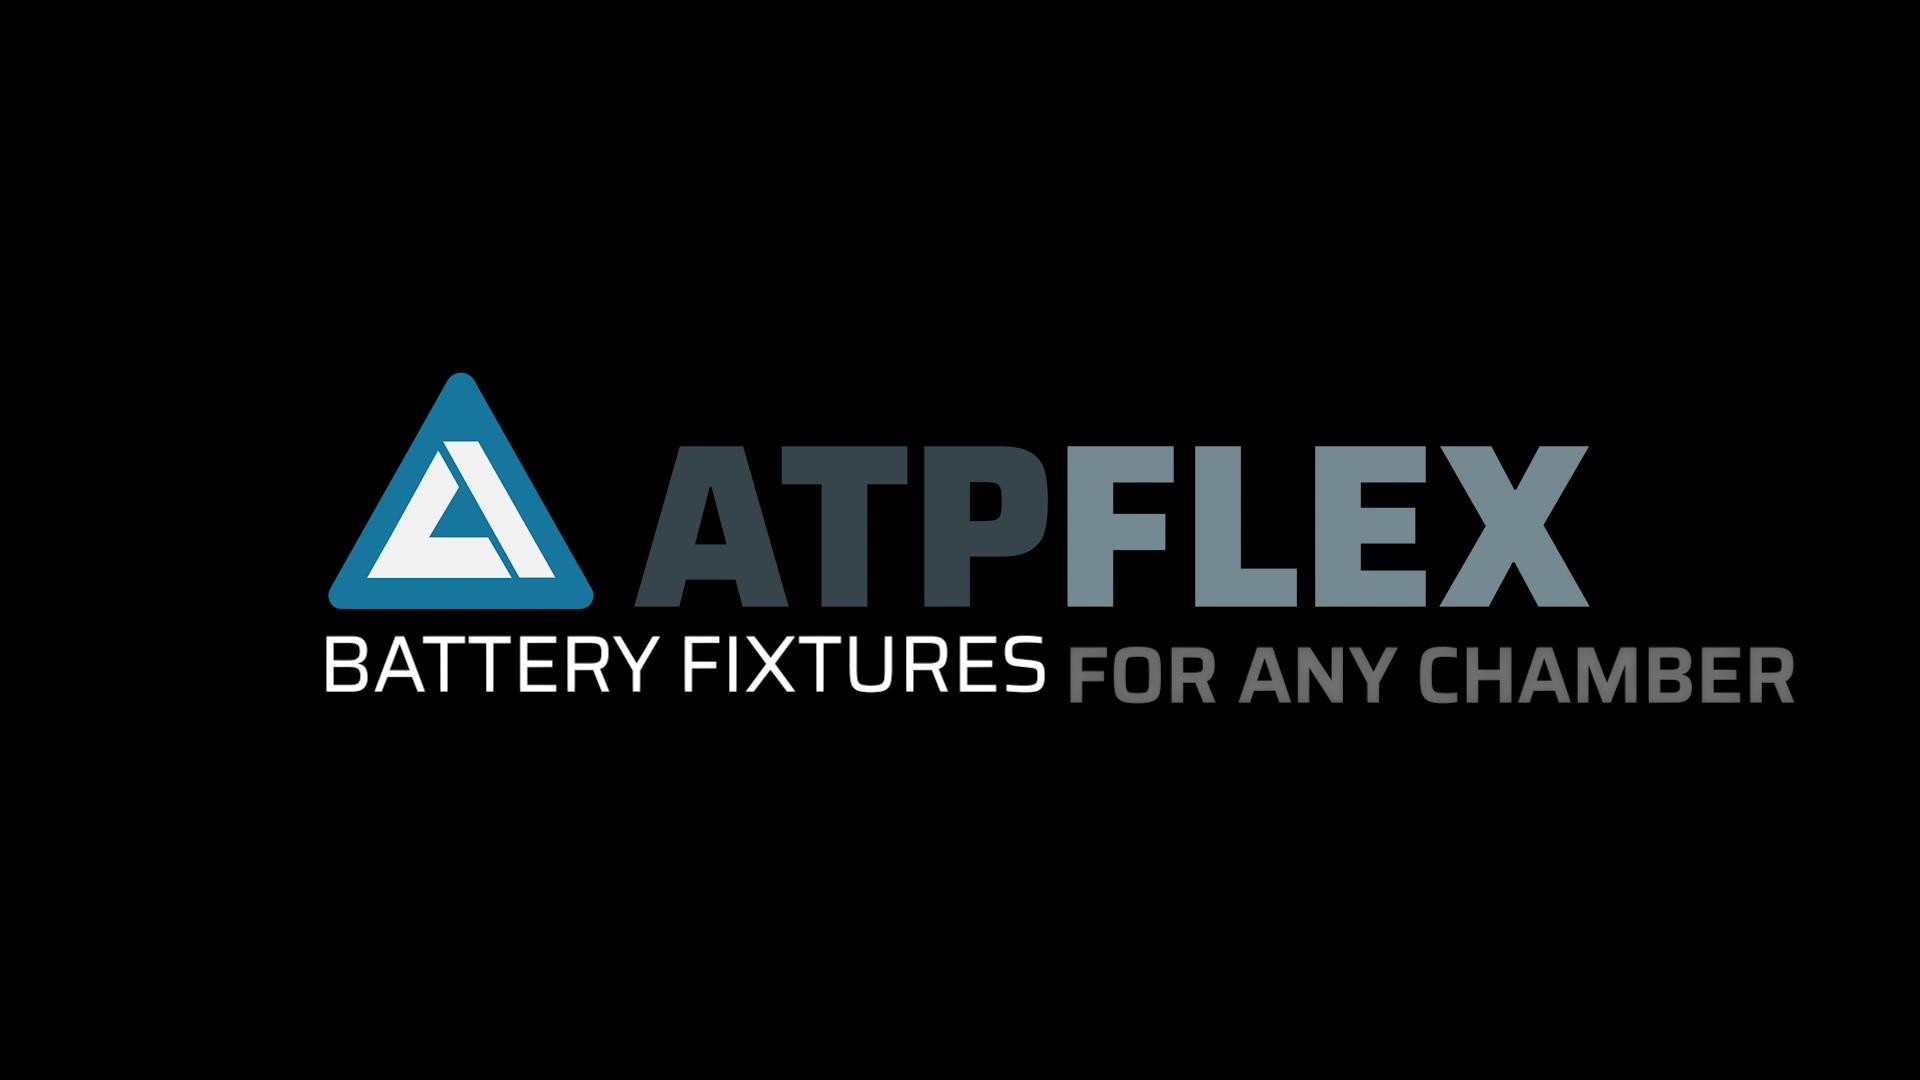 ATP-FLEX